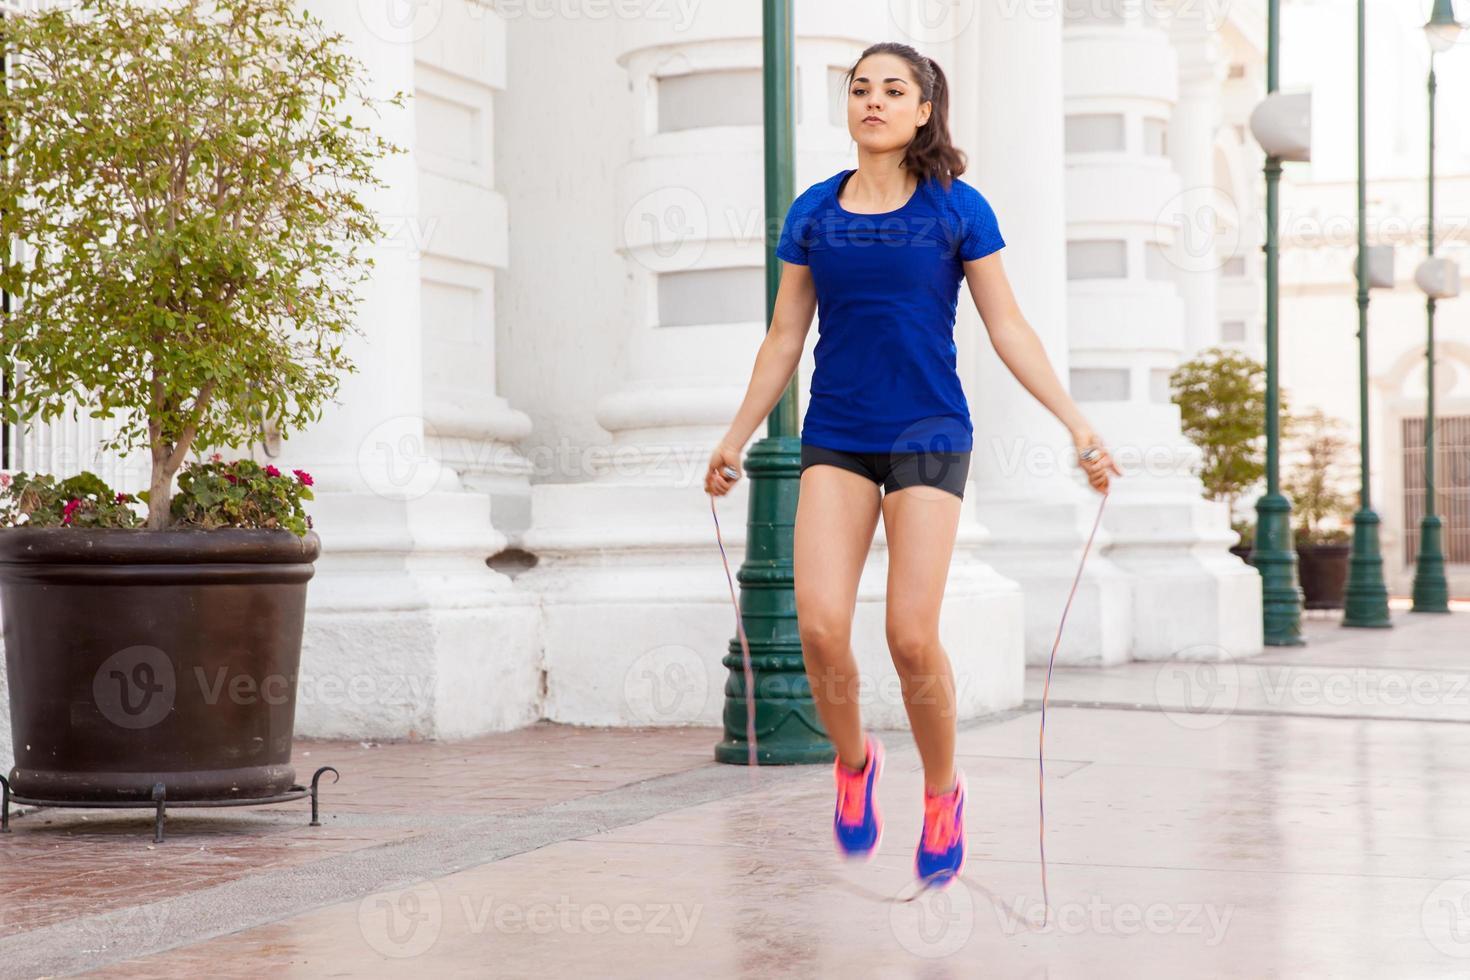 usando una cuerda de saltar en la ciudad foto